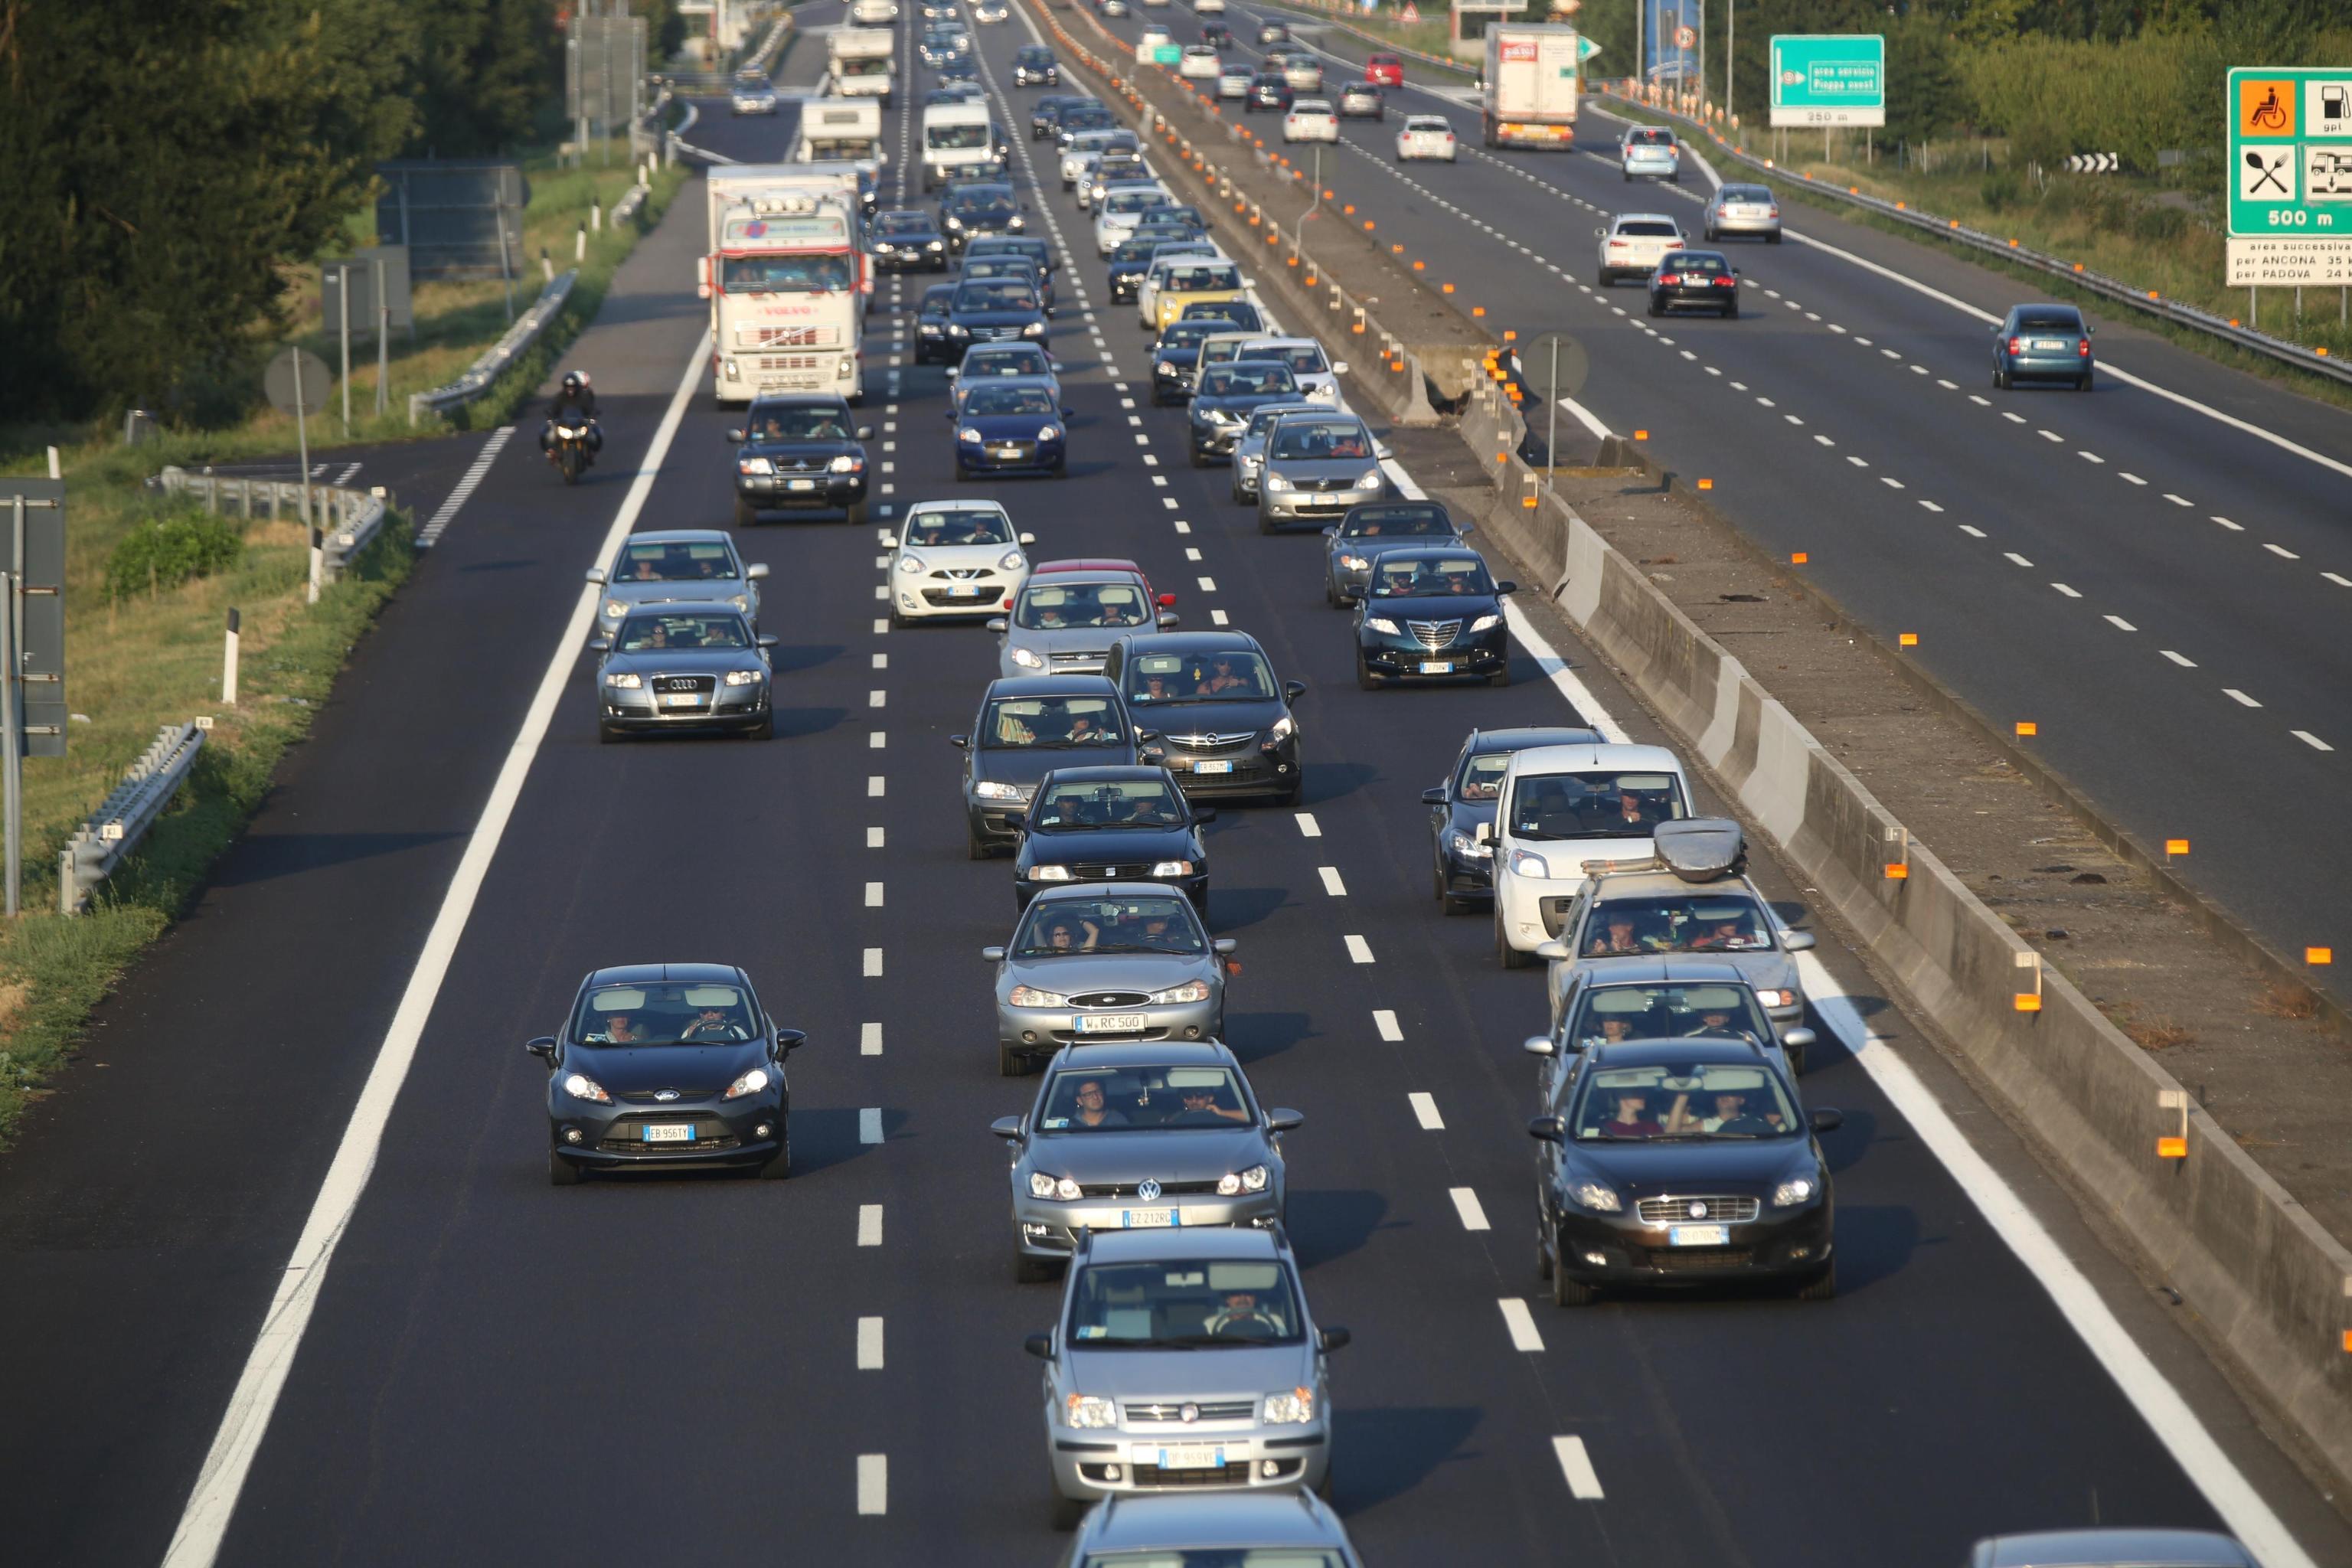 Previsioni traffico di sabato 12 e domenica 13 sulle autostrade italiane